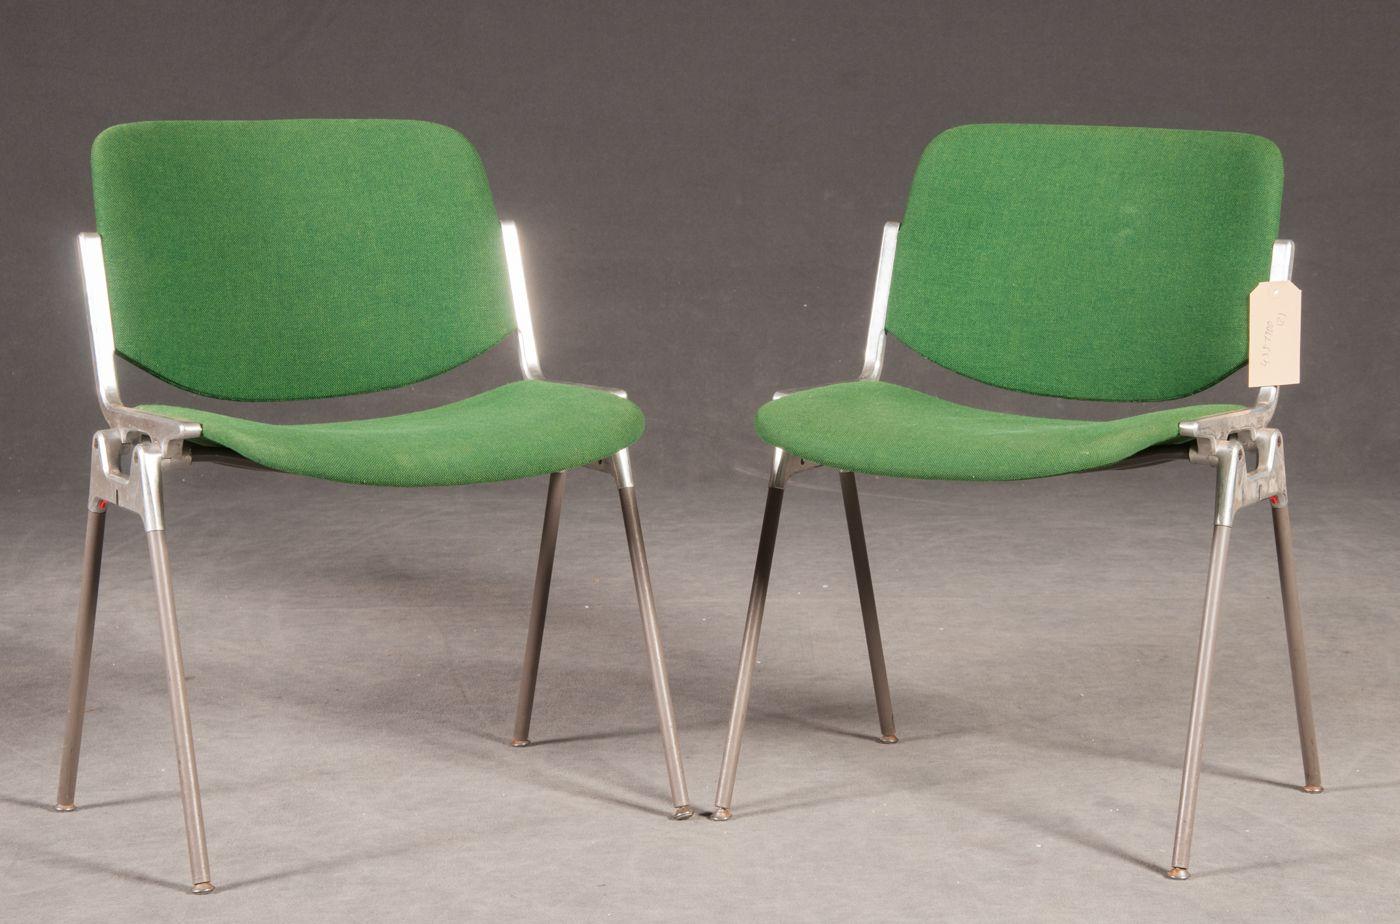 stapelbarer gr ner stuhl von giancarlo piretti f r castelli 1955 bei pamono kaufen. Black Bedroom Furniture Sets. Home Design Ideas